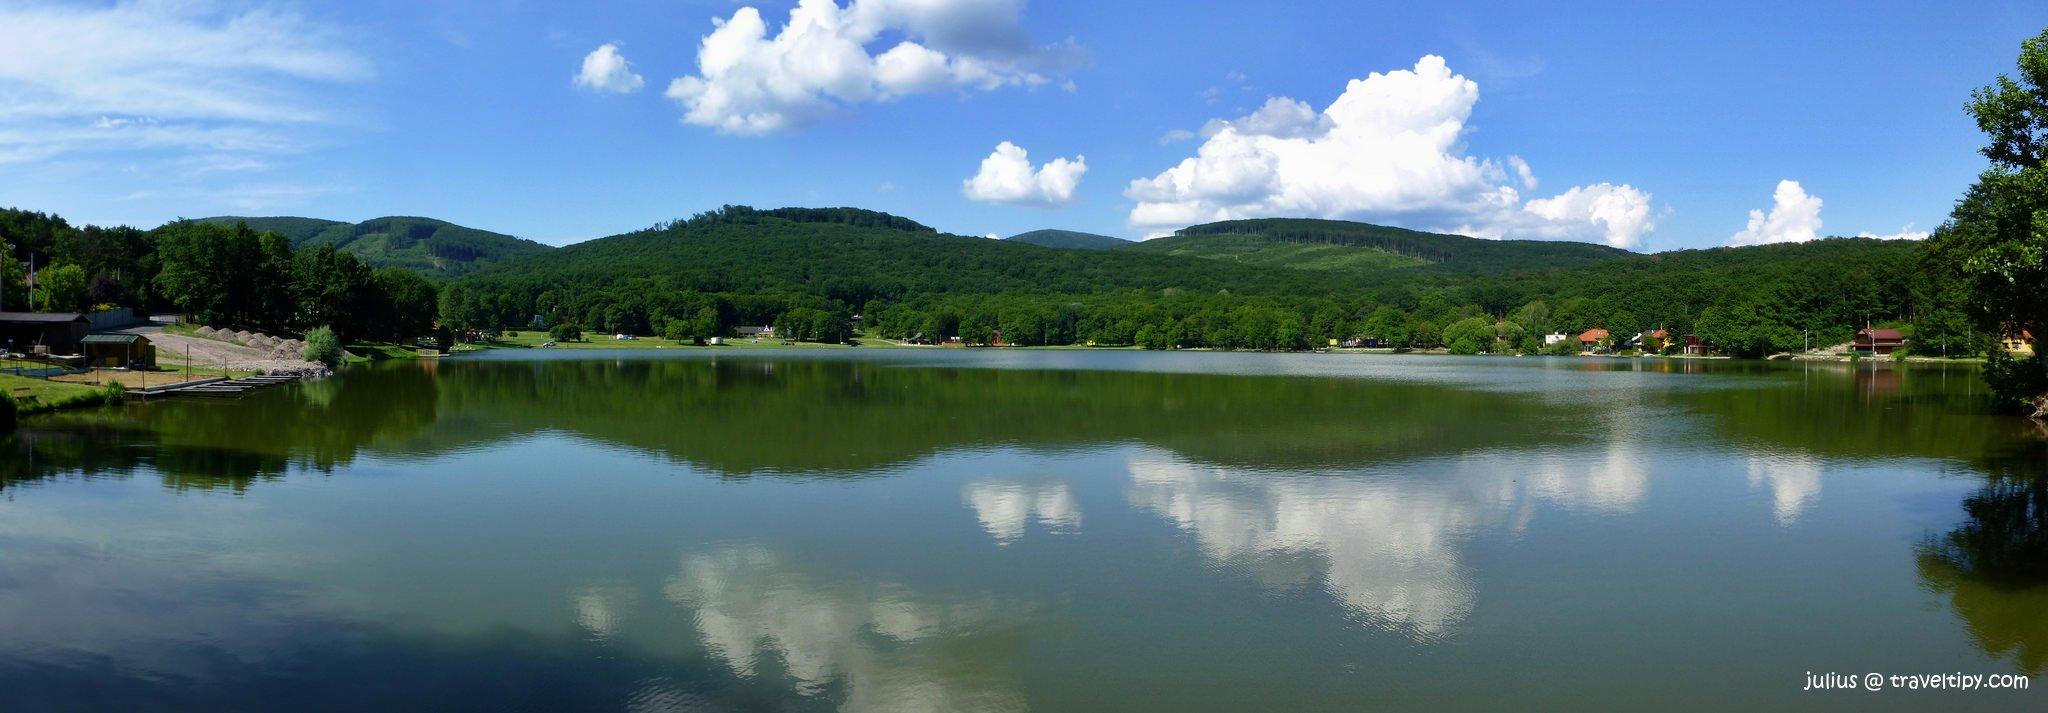 Vinianske jazero, Východné Slovensko